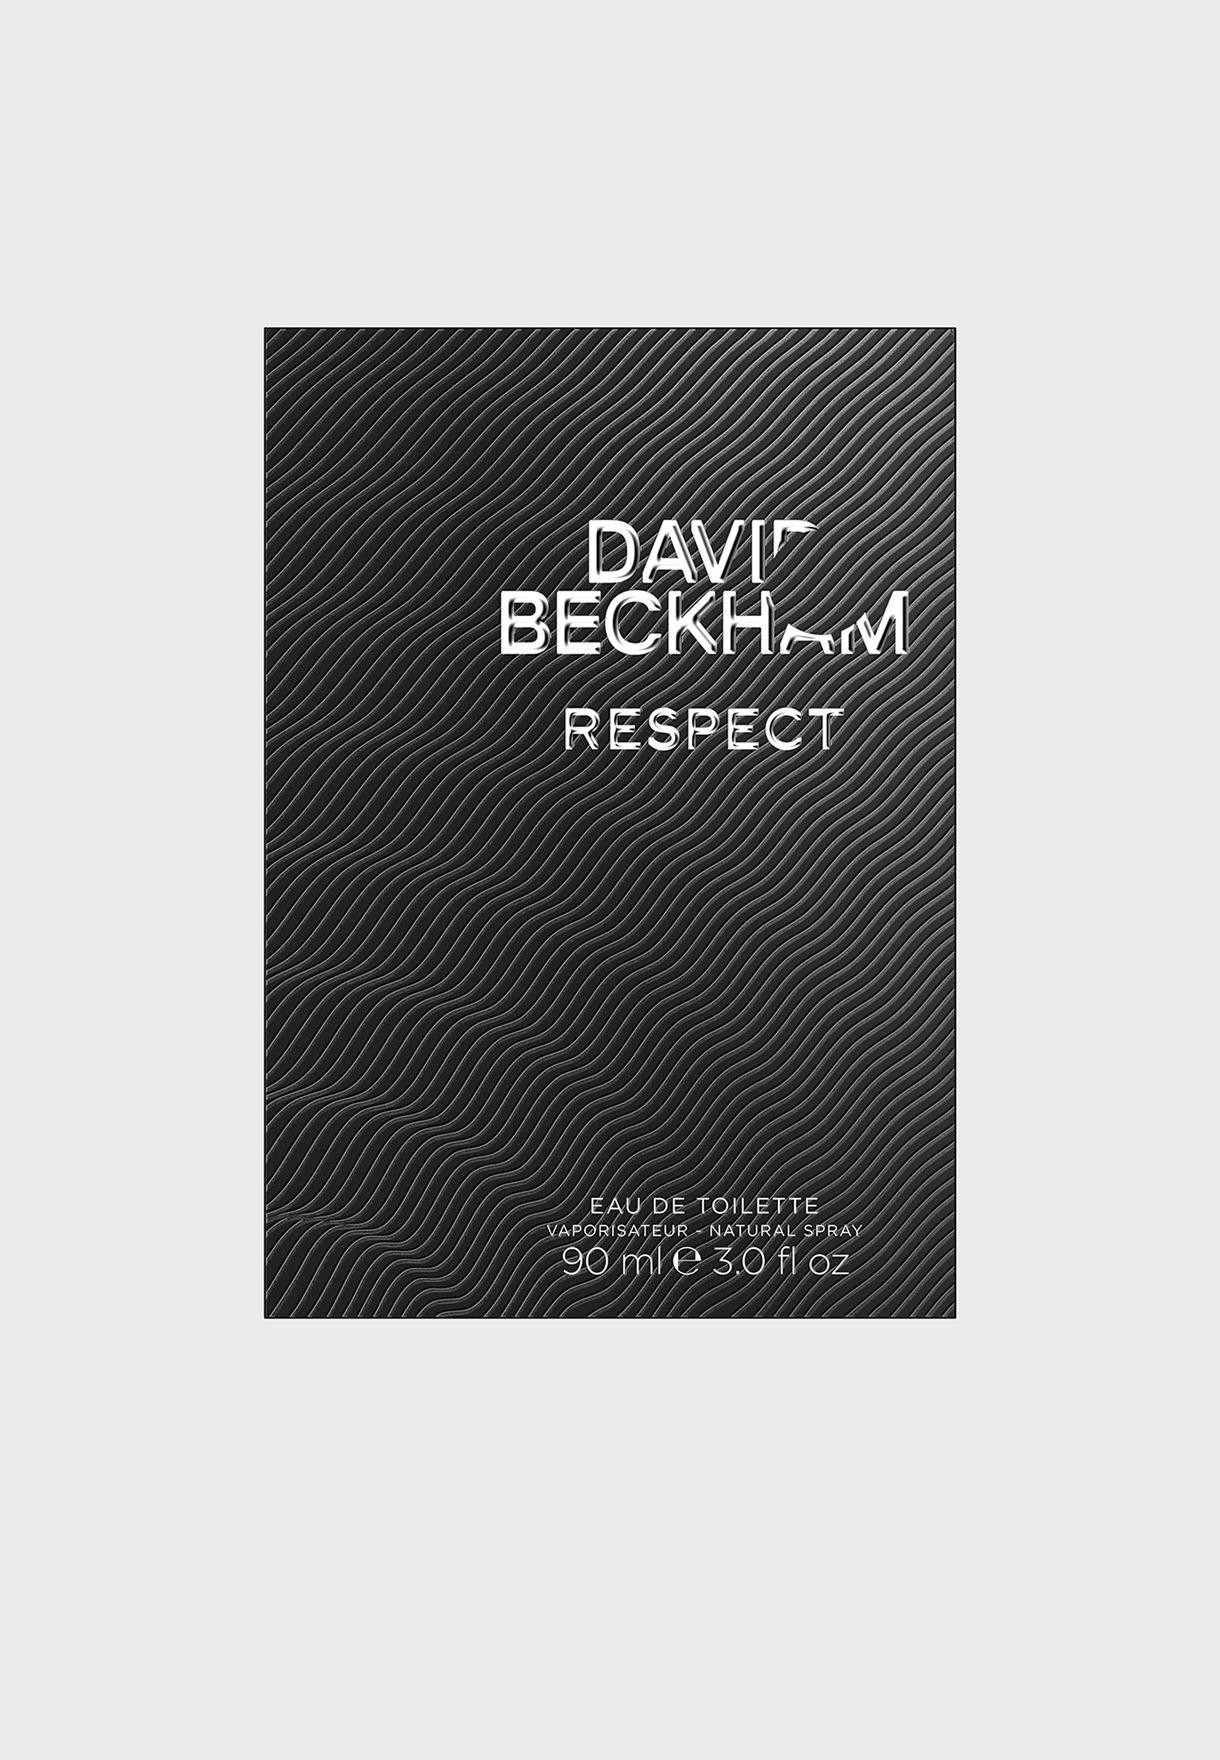 David Beckham, Respect, Eau de Toilette for him, 90 ml